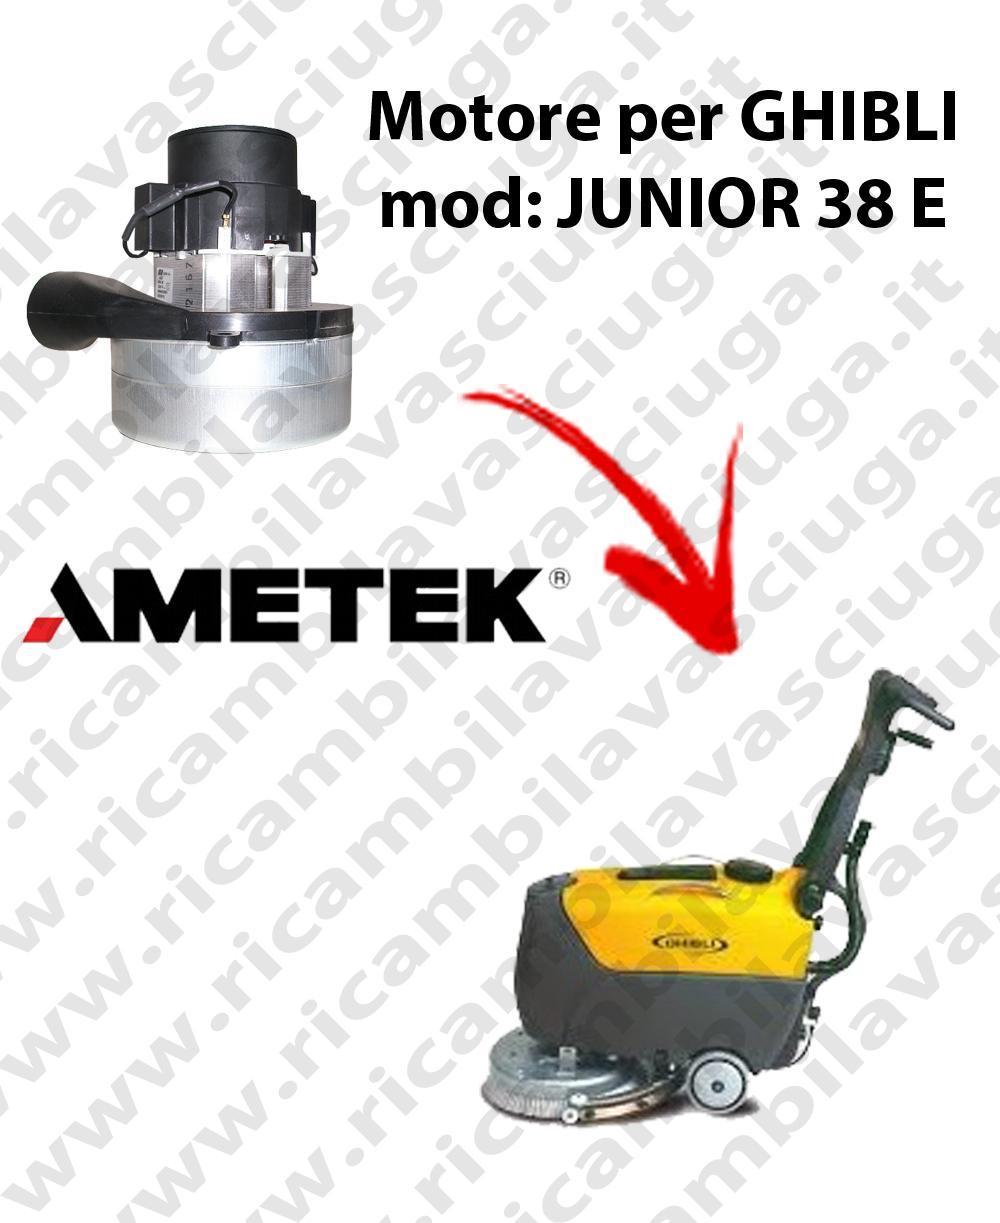 JUNIOR 38 ünd Saugmotor SYNCLEAN für scheuersaugmaschinen GHIBLI